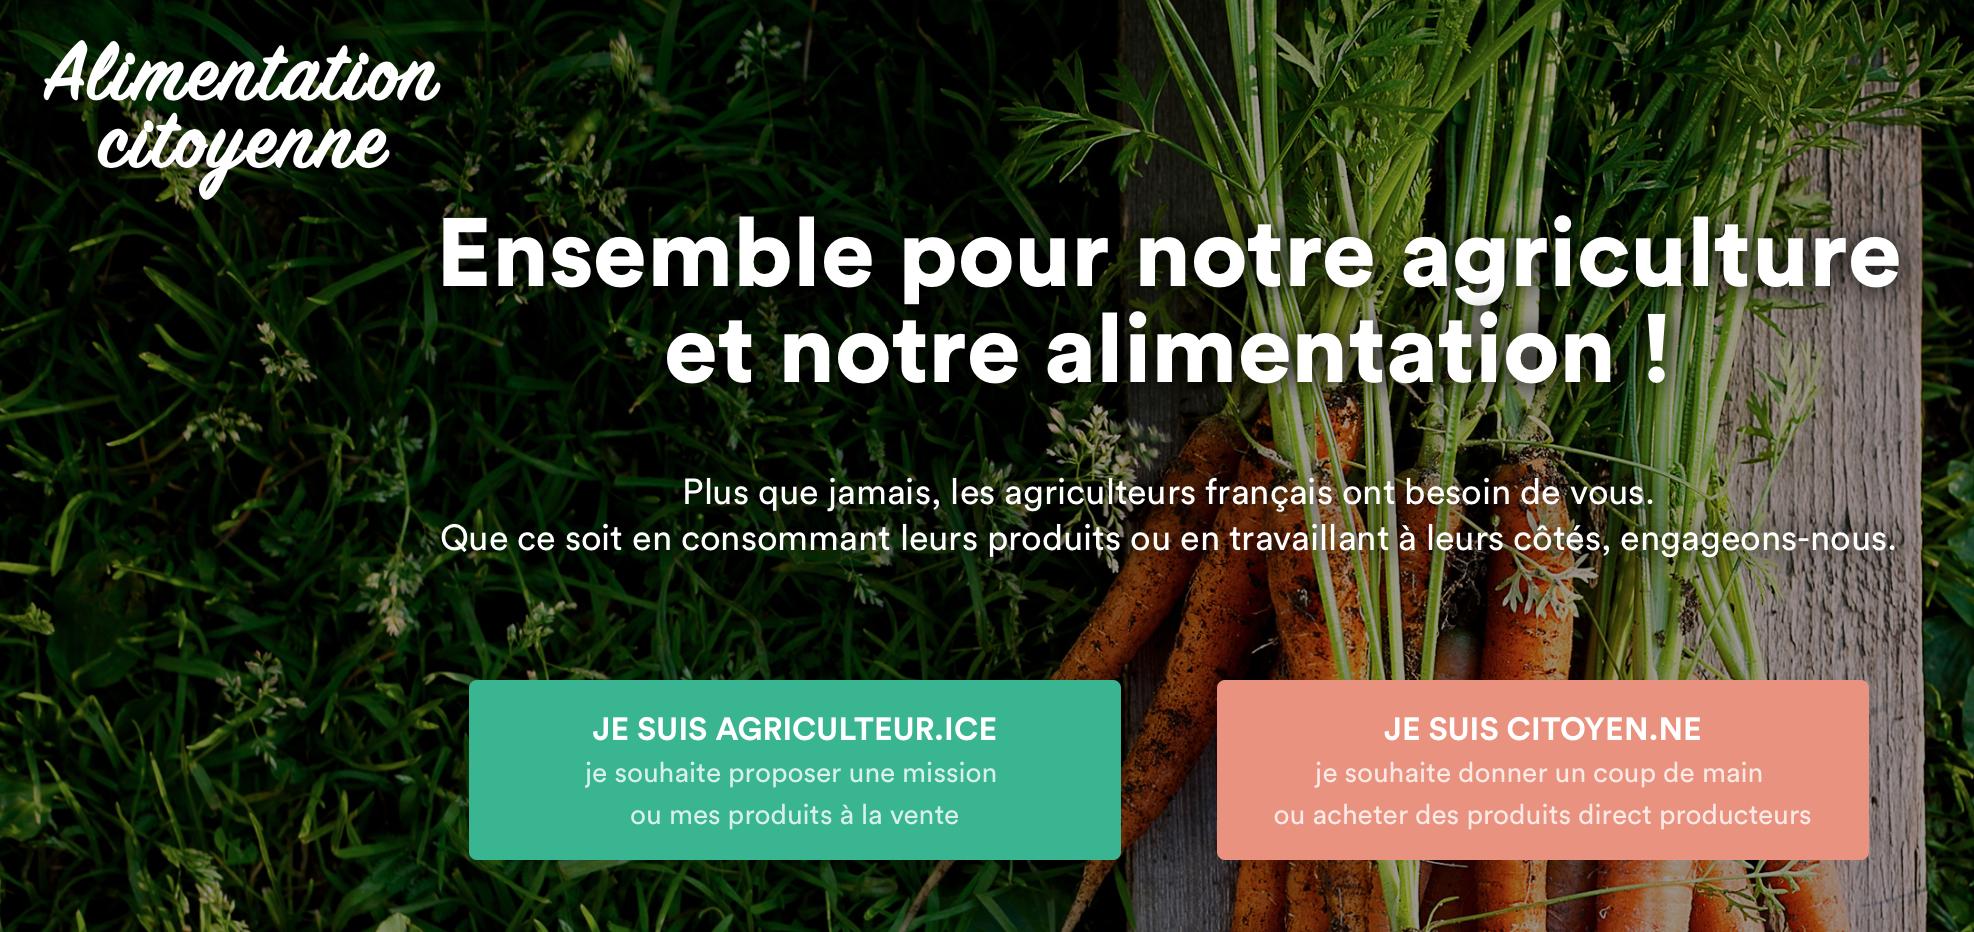 Capture d'écran 2020 04 09 à 14.55.08 - MiiMOSA lance une initiative solidaire pour aider les agriculteurs